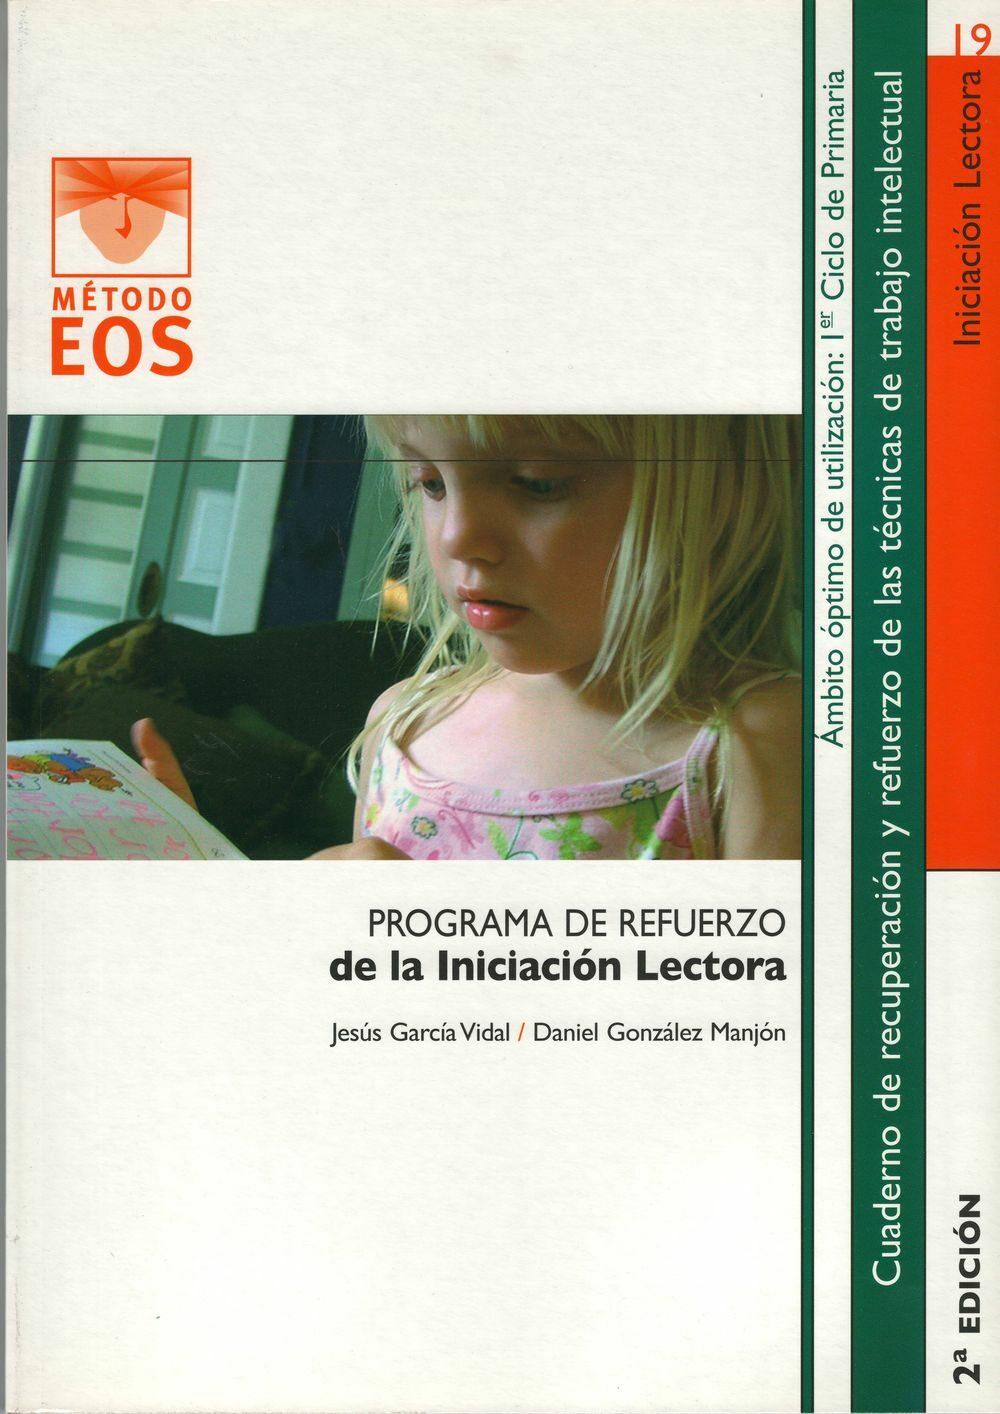 Programa De Refuerzo De La Iniciacion Lectora por Jesus Garcia Vidal